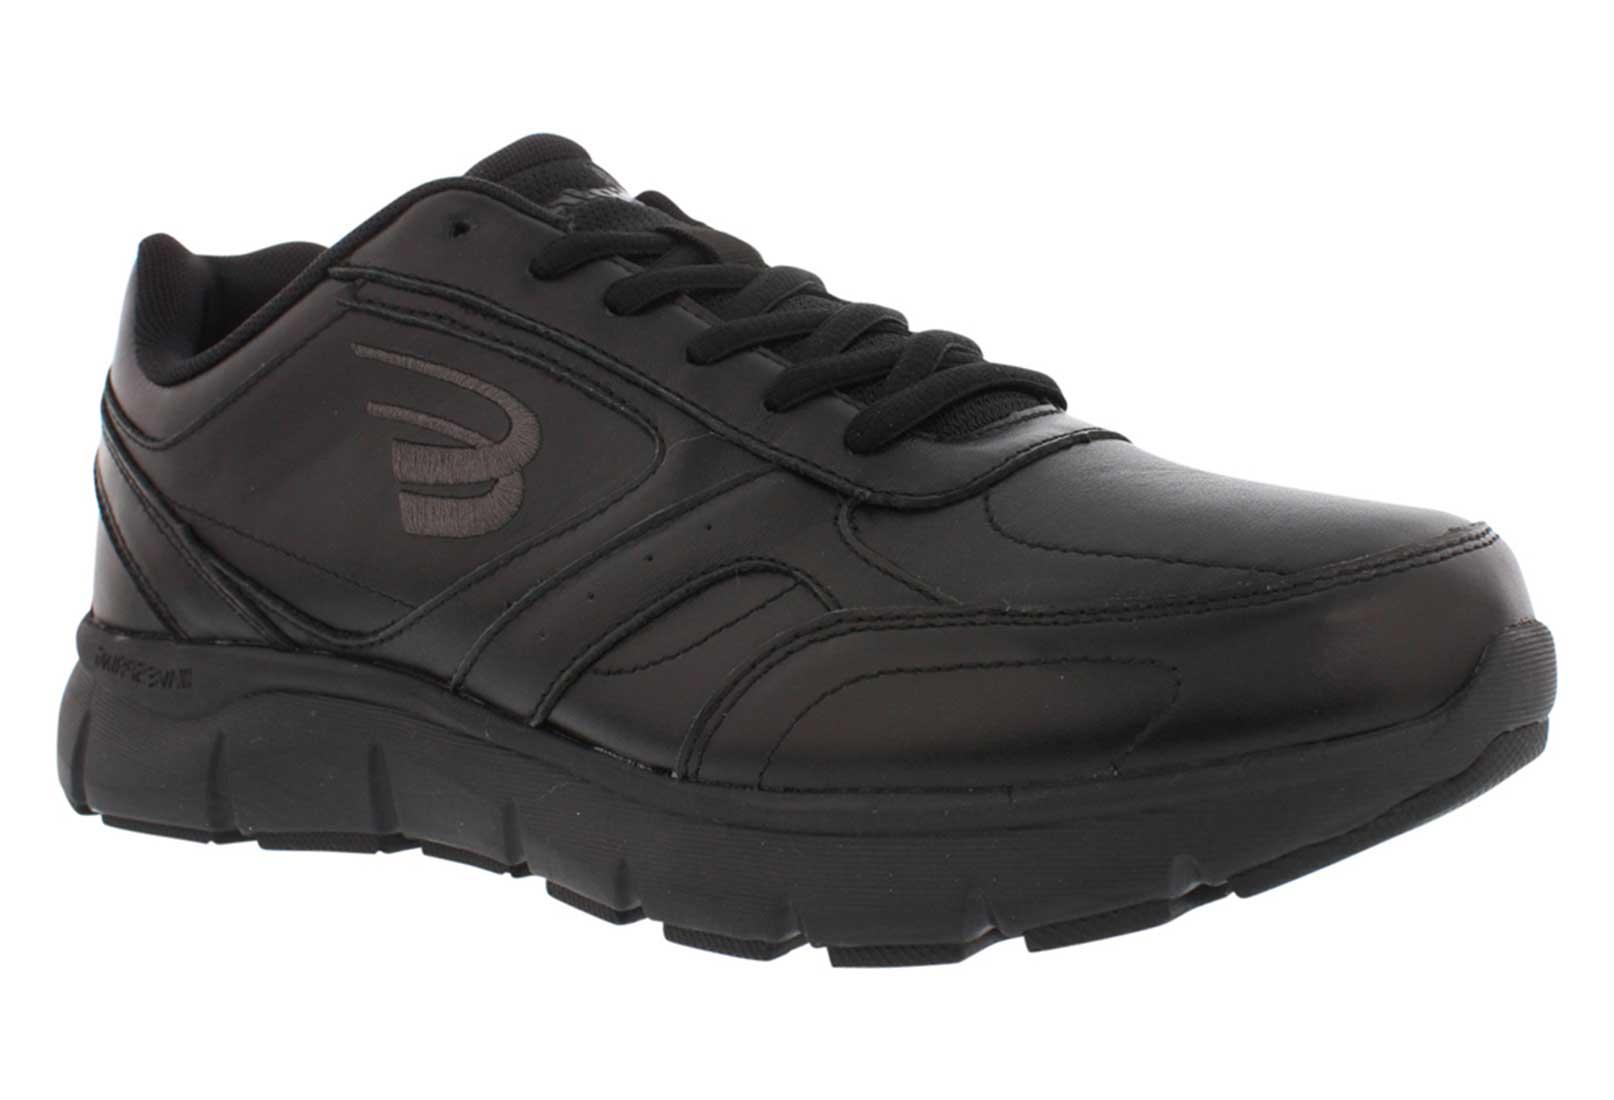 WaveWalker SWAV102 Walking Shoes